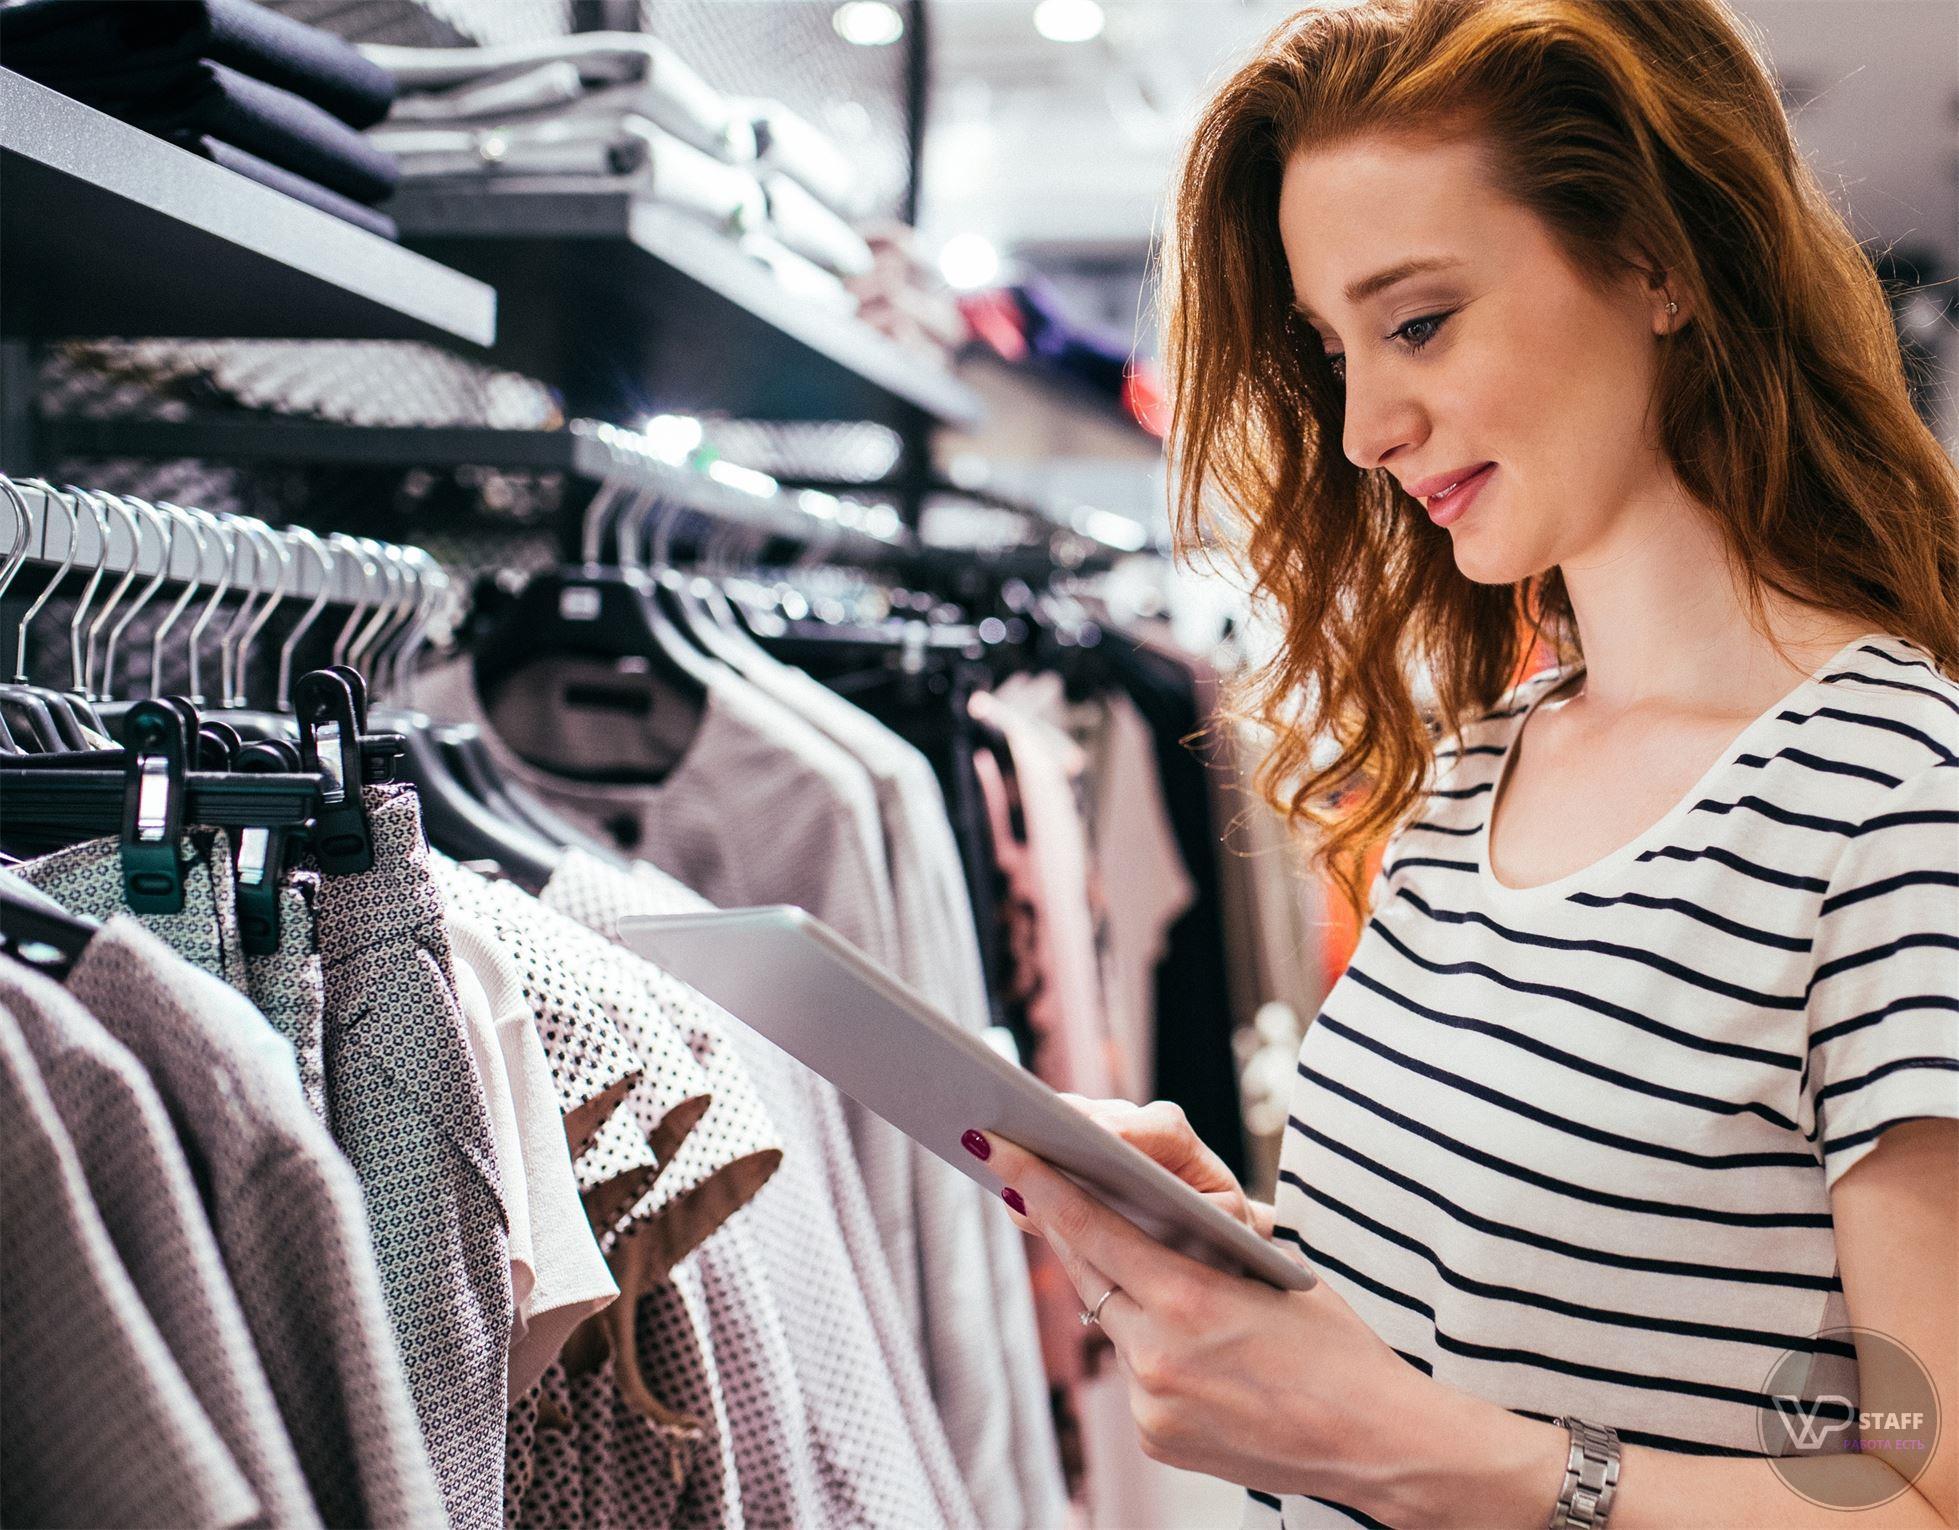 гладкой фотки для одежды выбор это покупка